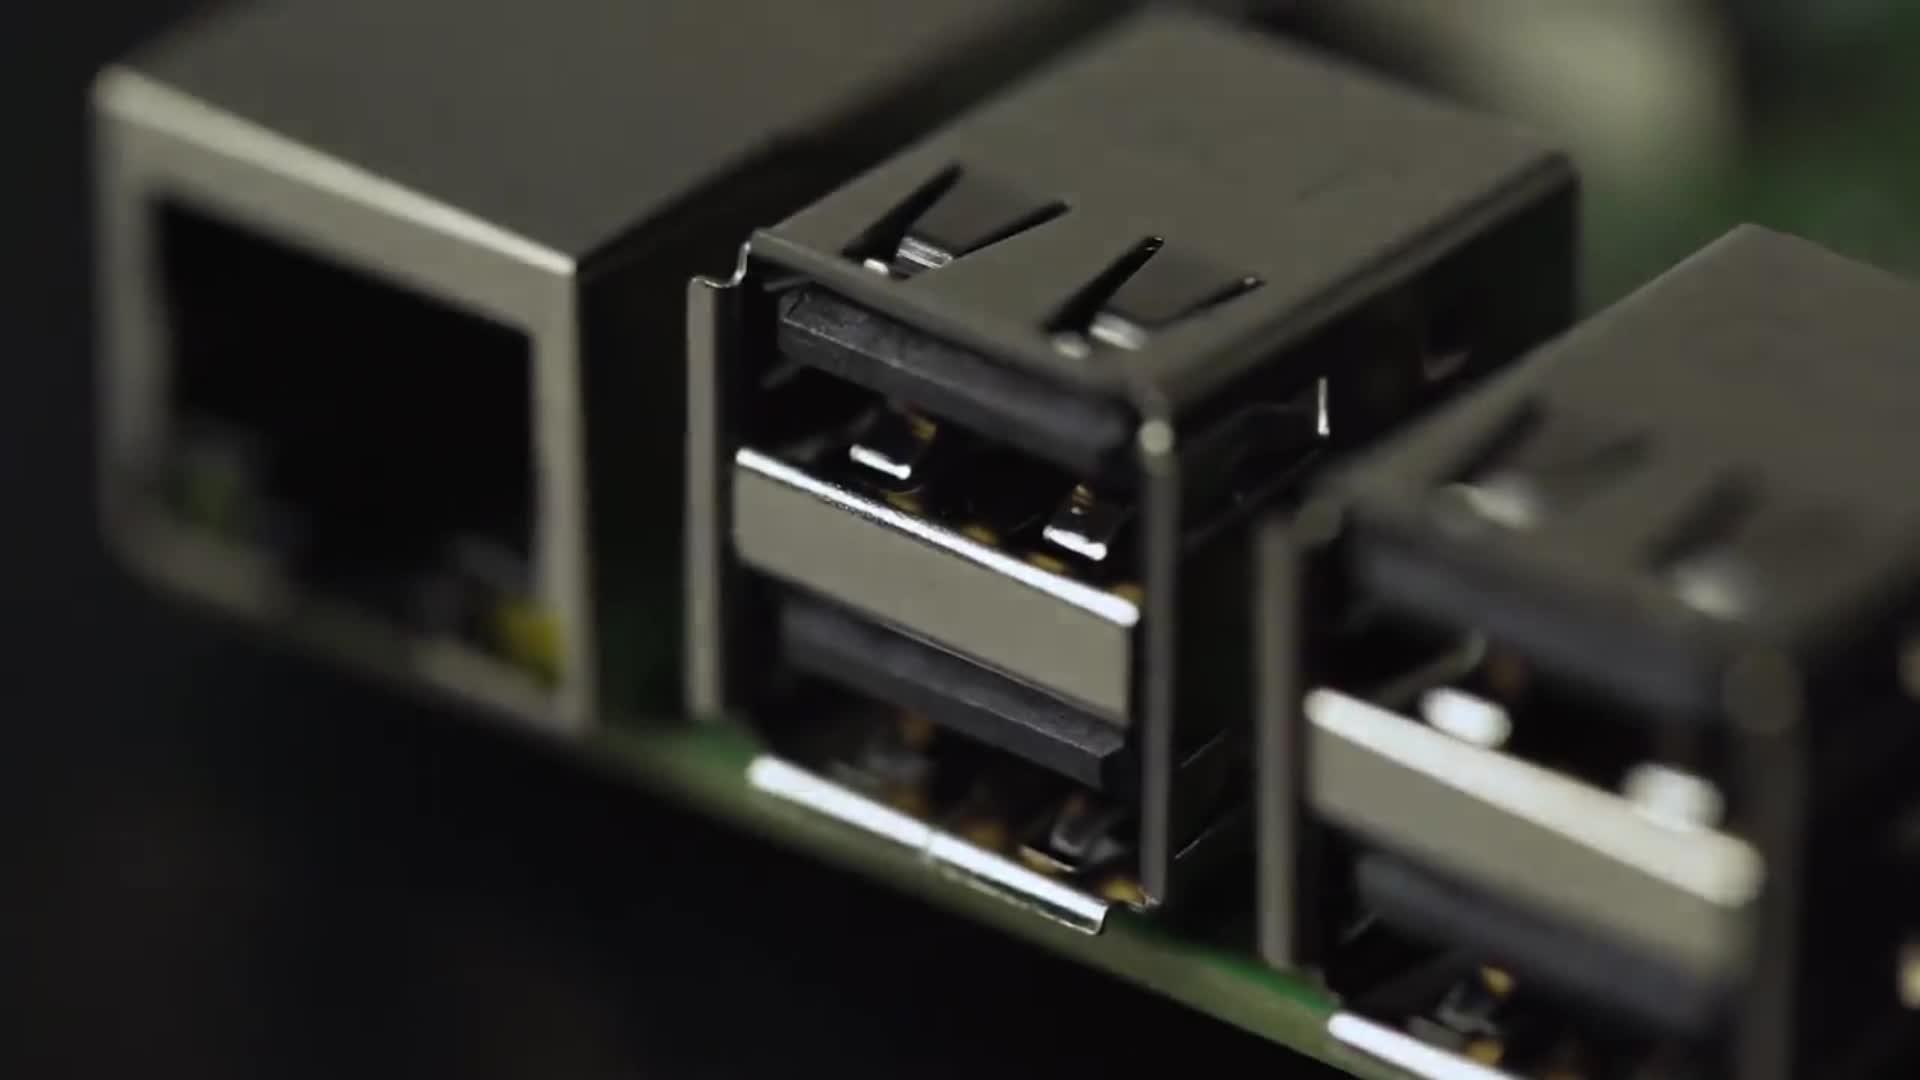 ホット販売 RPi 3B プラス要素 14 1.4 Ghz の CPU 1 ギガバイトの Ram デュアルイーサネットラズベリーパイ 3 モデル B